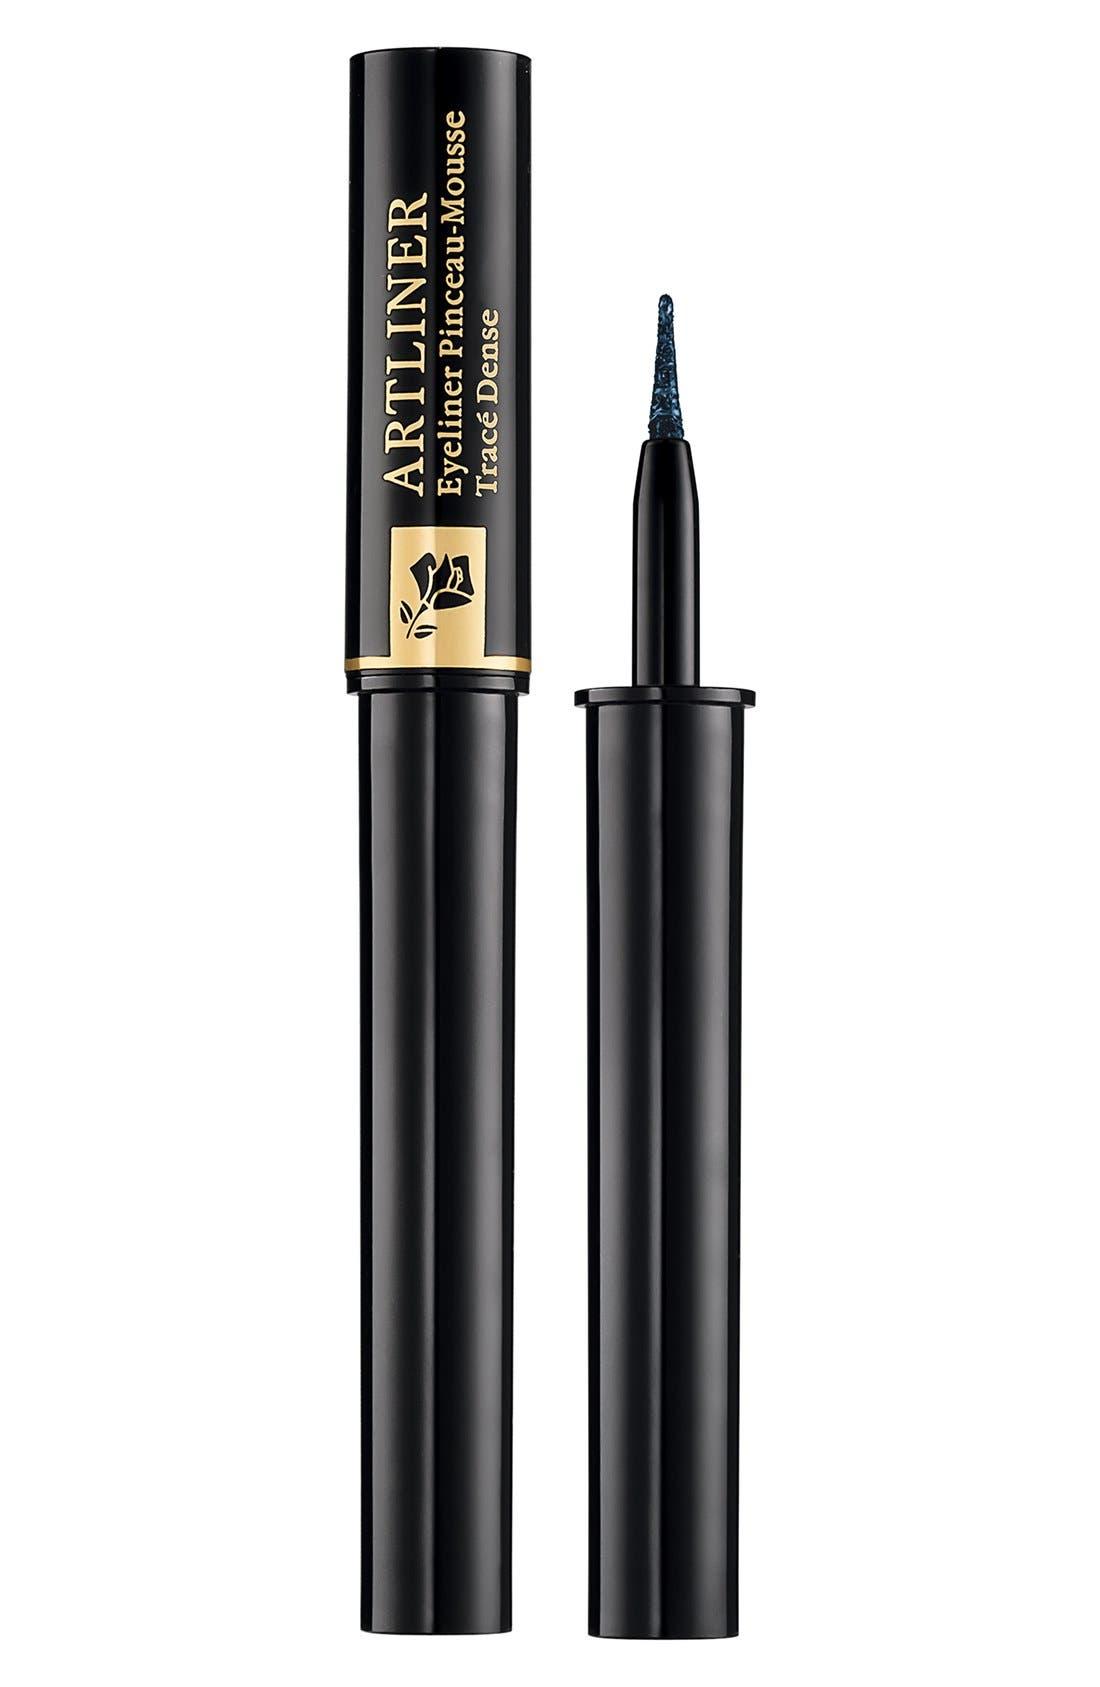 Lancome Artliner Precision Point Liquid Eyeliner - Azure